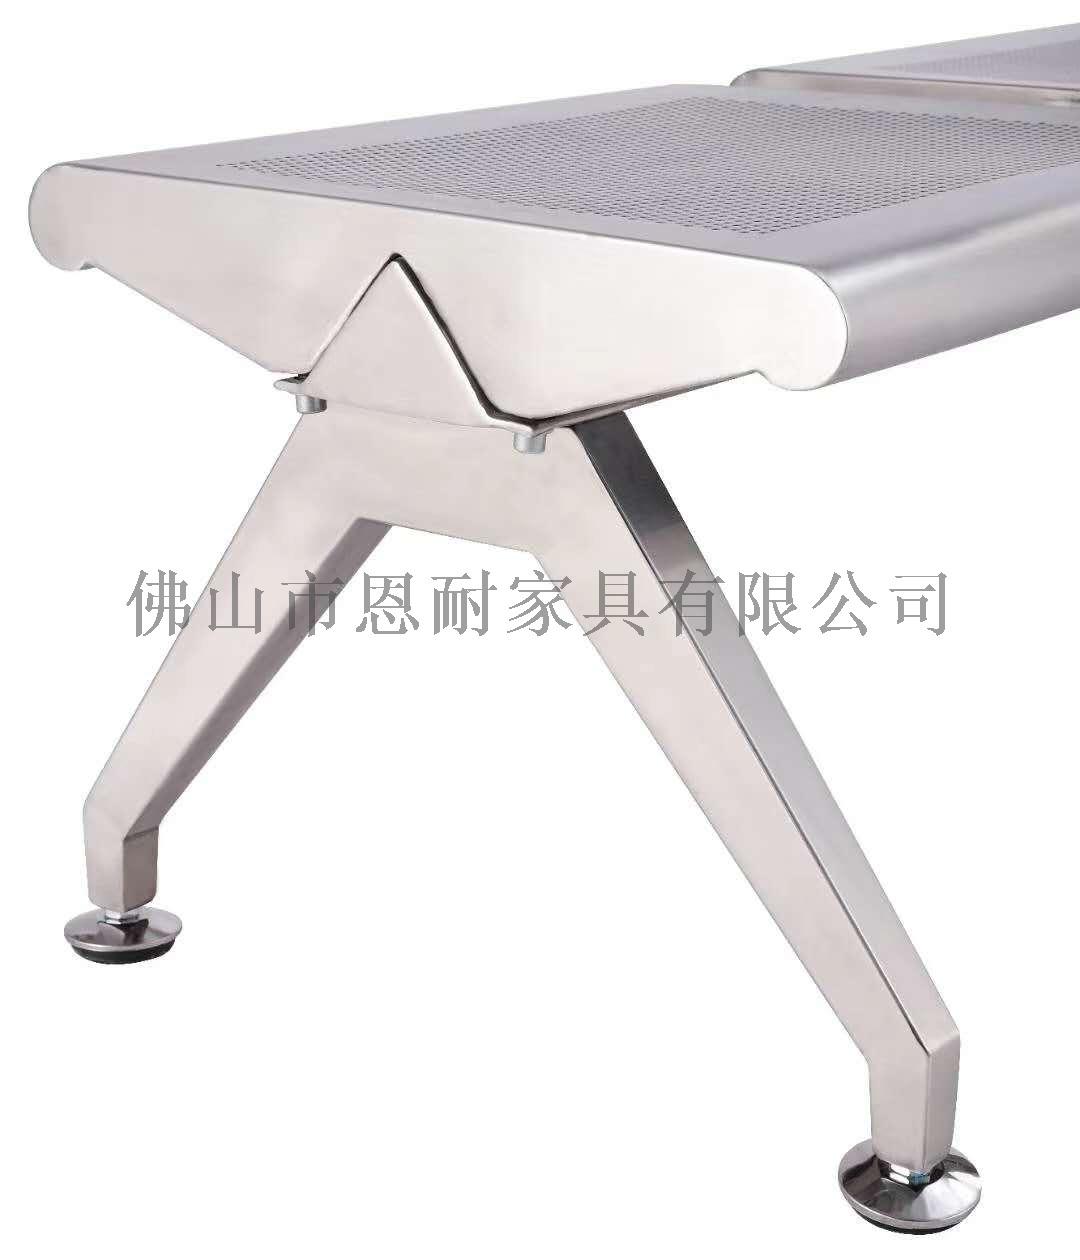 不锈钢排椅厂家 不锈钢平板椅 不锈钢监盘椅146124695